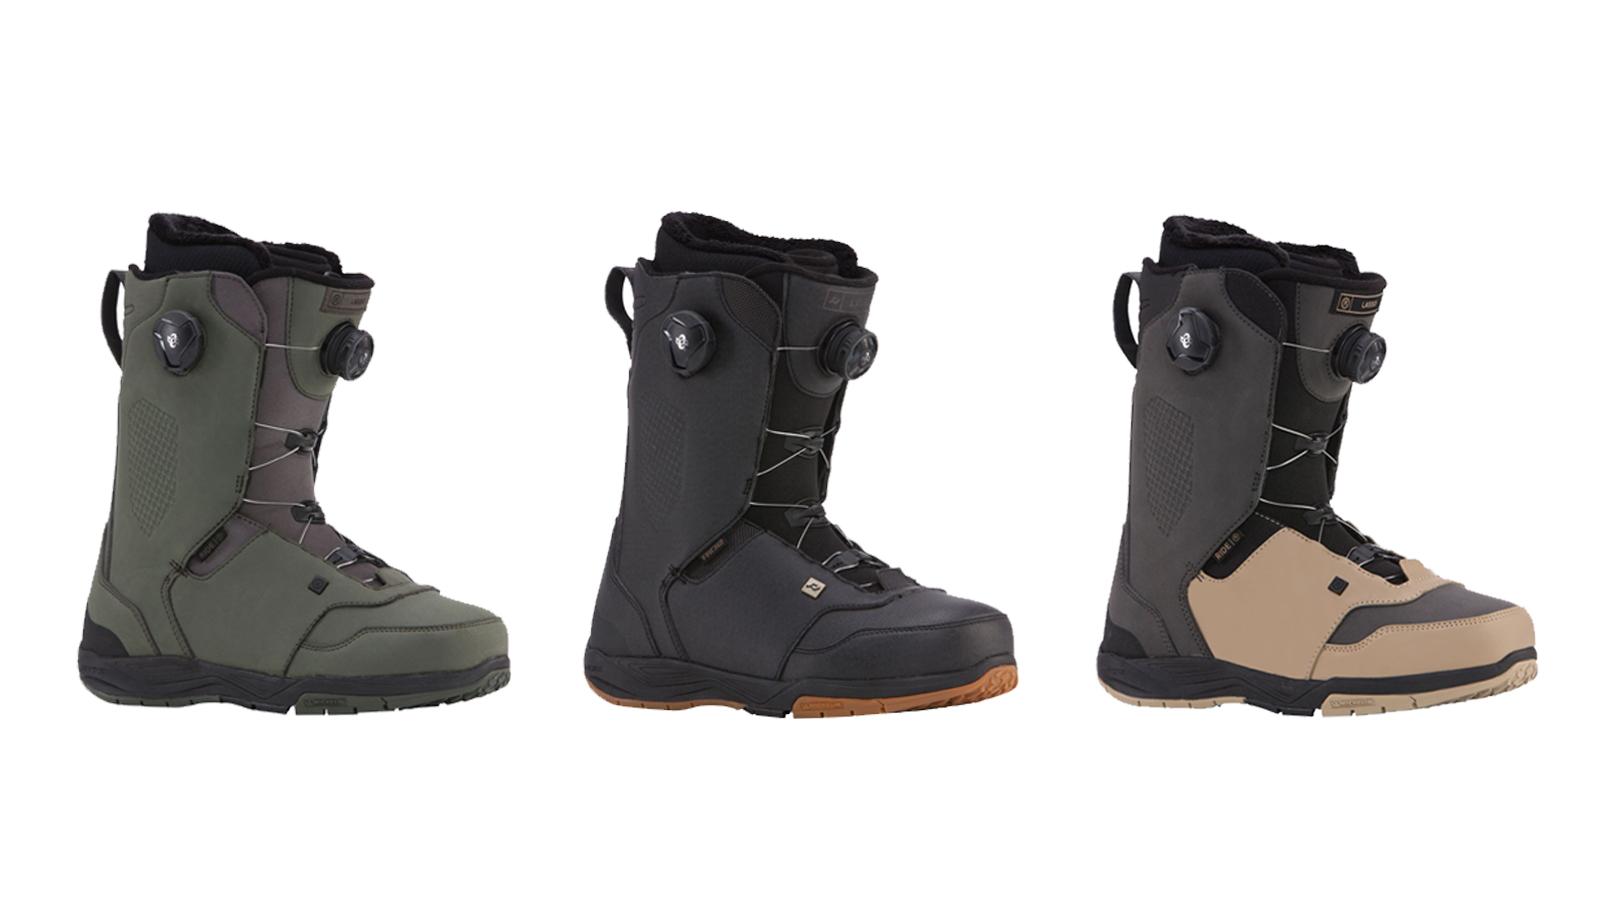 ライド ride boots ブーツ